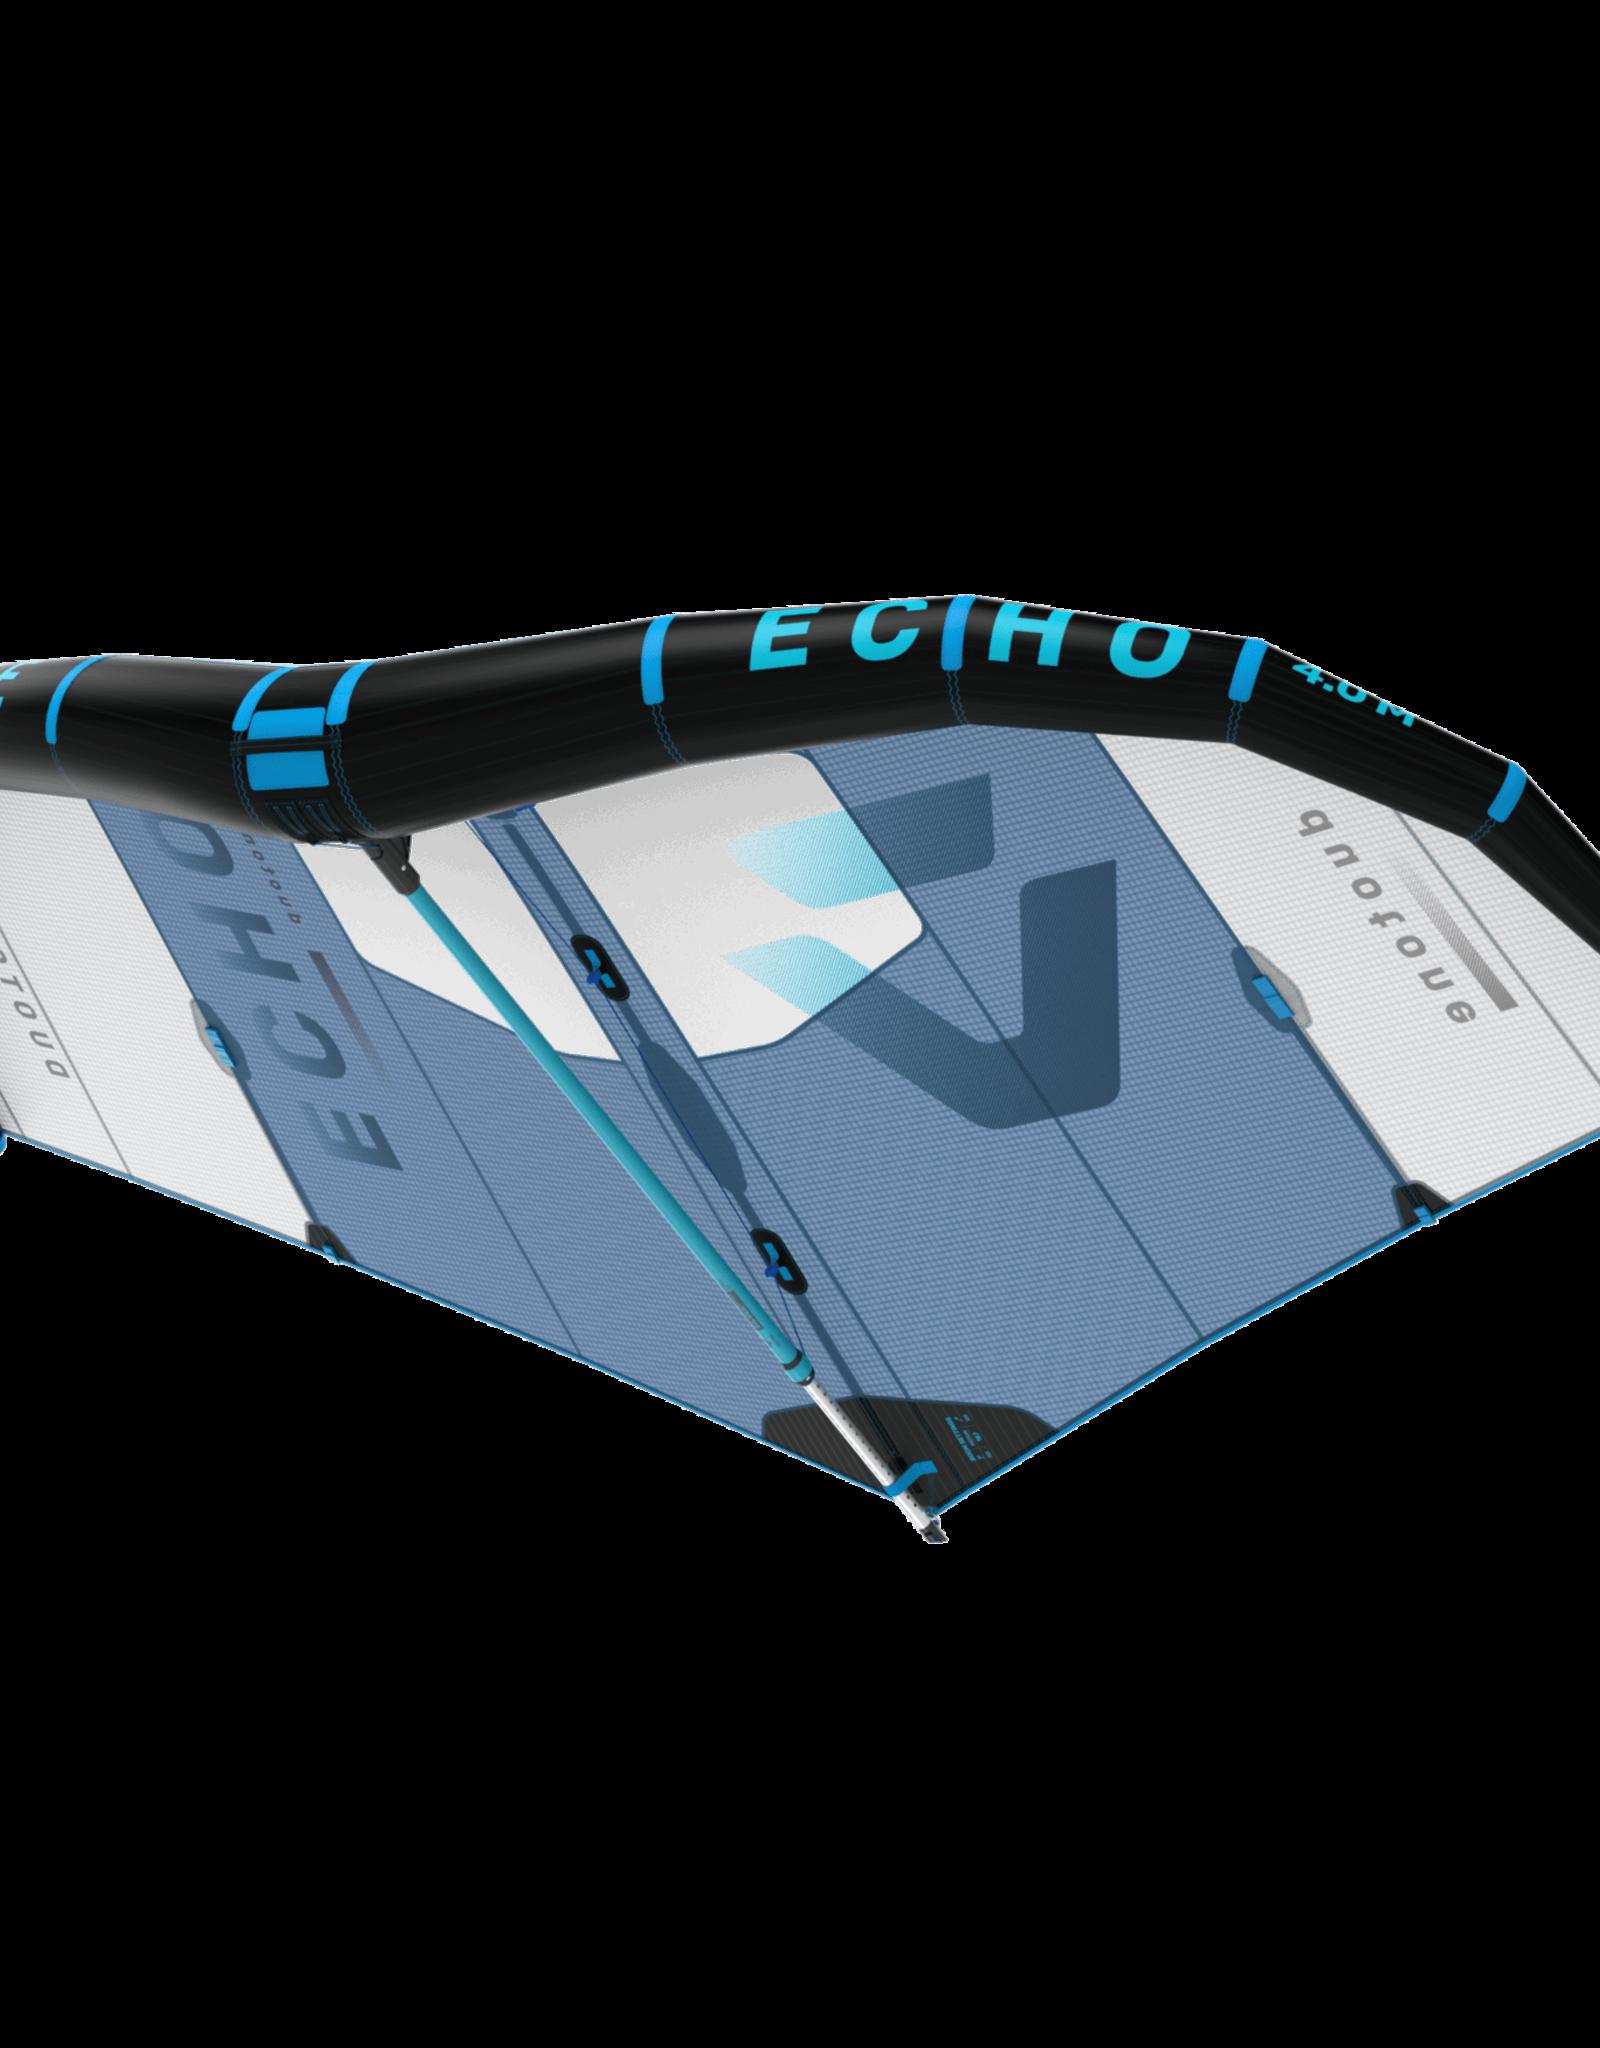 Duotone Duotone ECHO 5m blue/grey